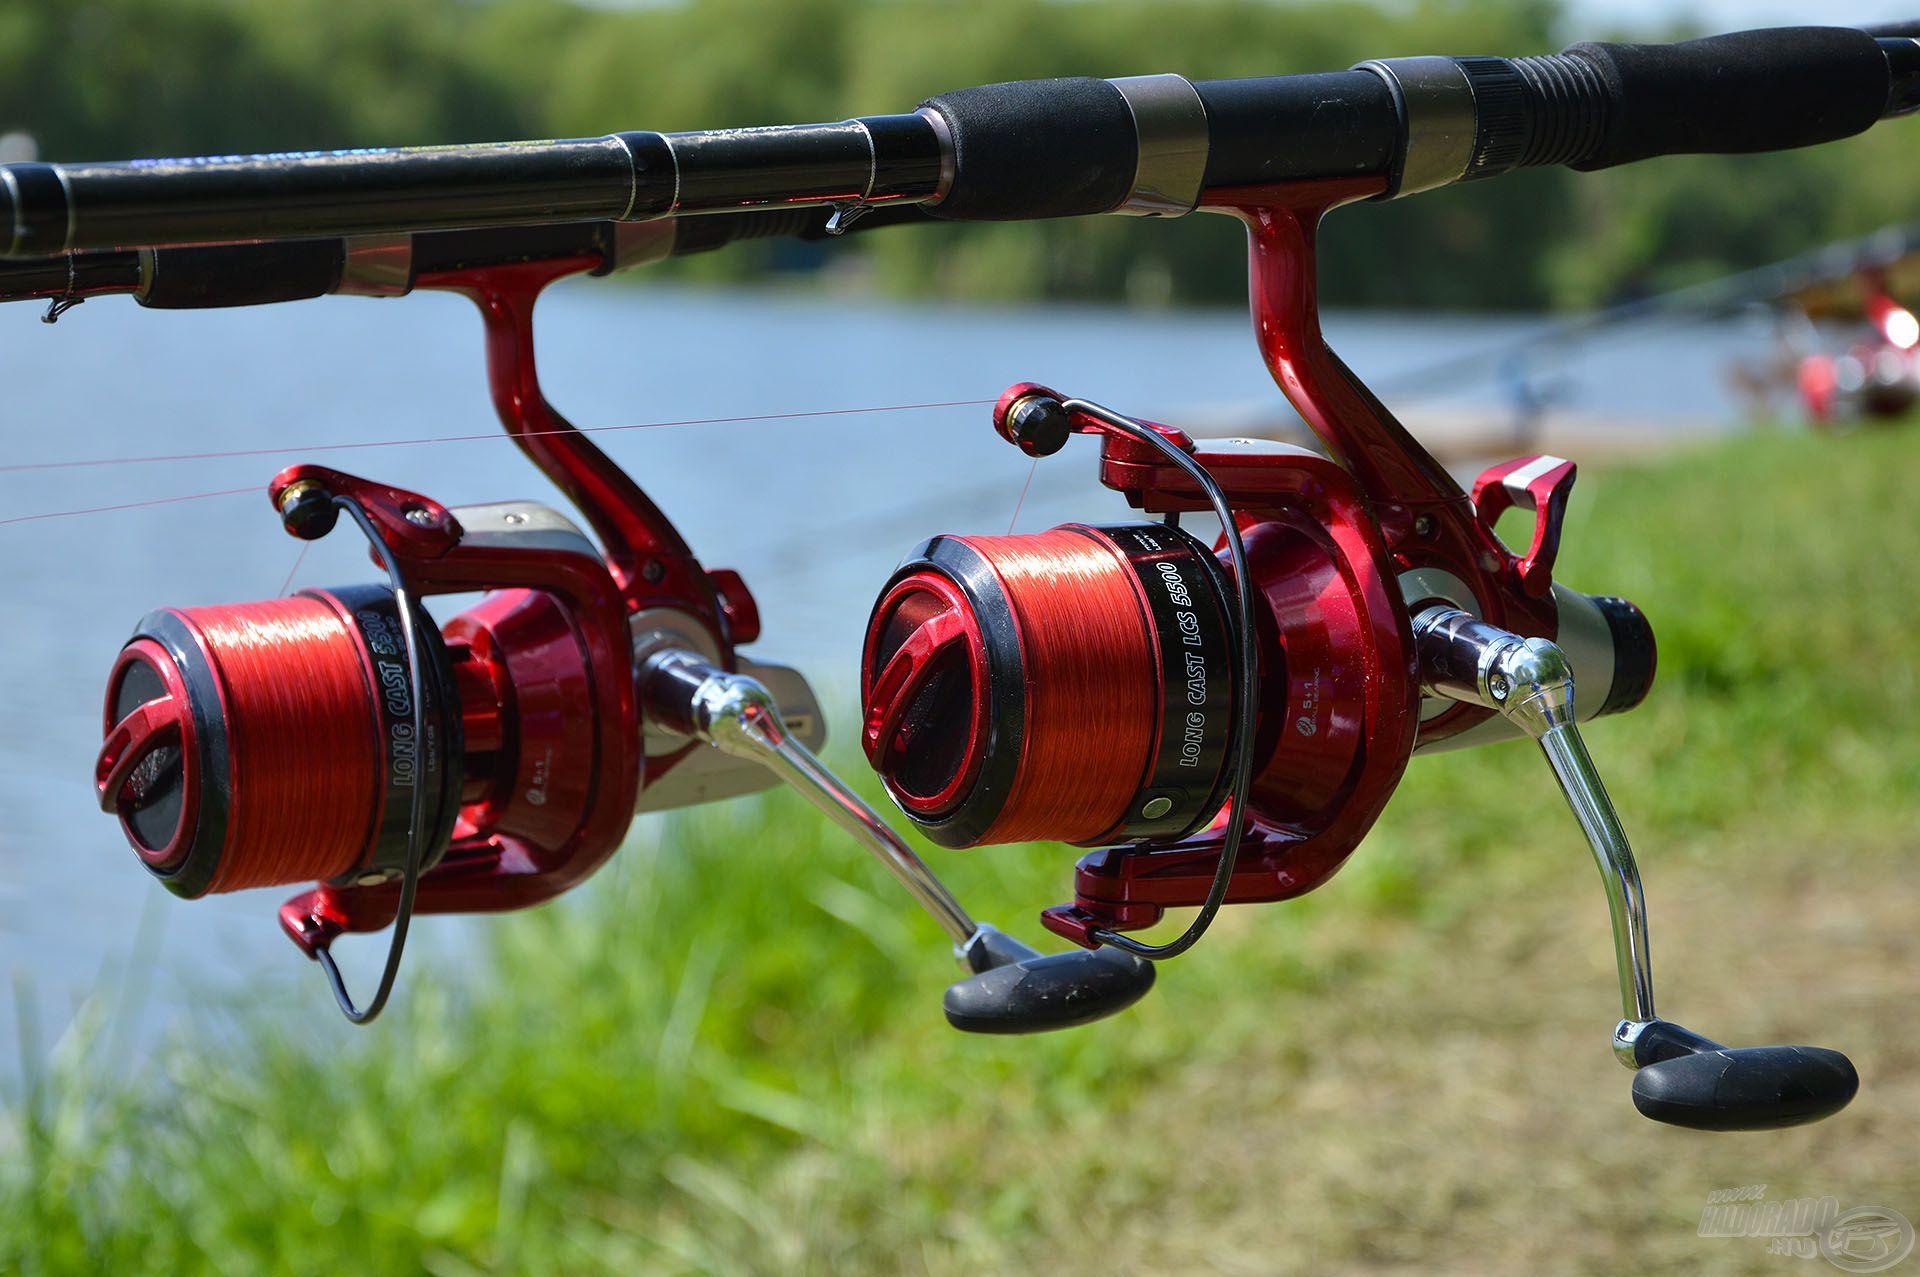 A By Döme TEAM FEEDER Long Cast, illetve Long Cast LCS 5500-as modellek bármelyike remek választás nagyhalas feederhorgászathoz